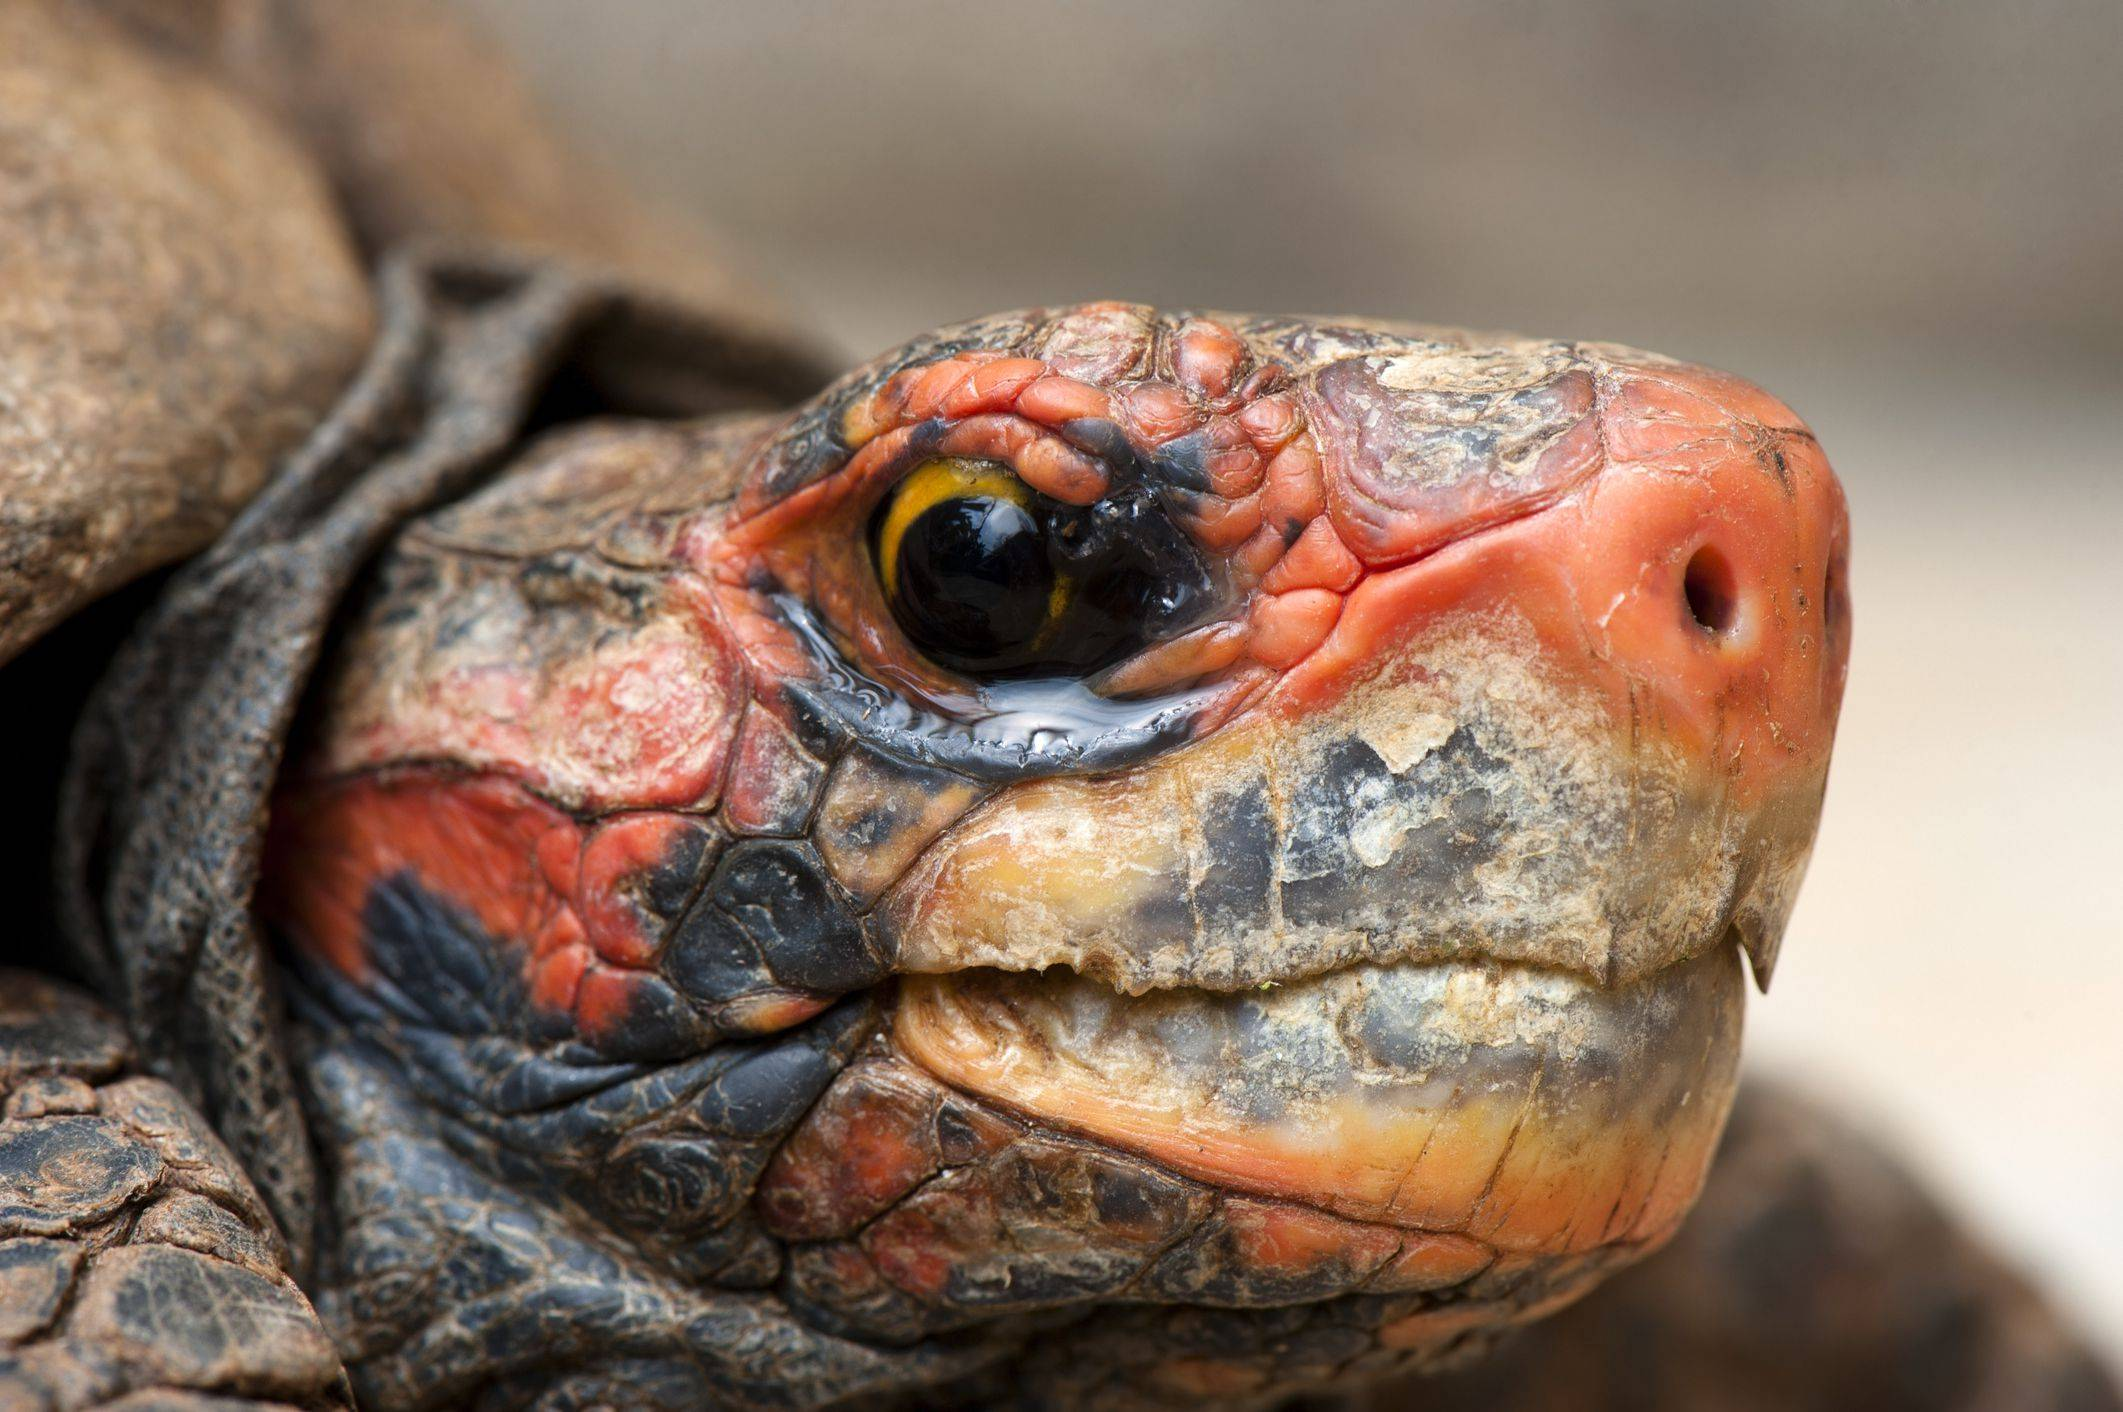 Класс рептилии. отряды черепахи, крокодилы